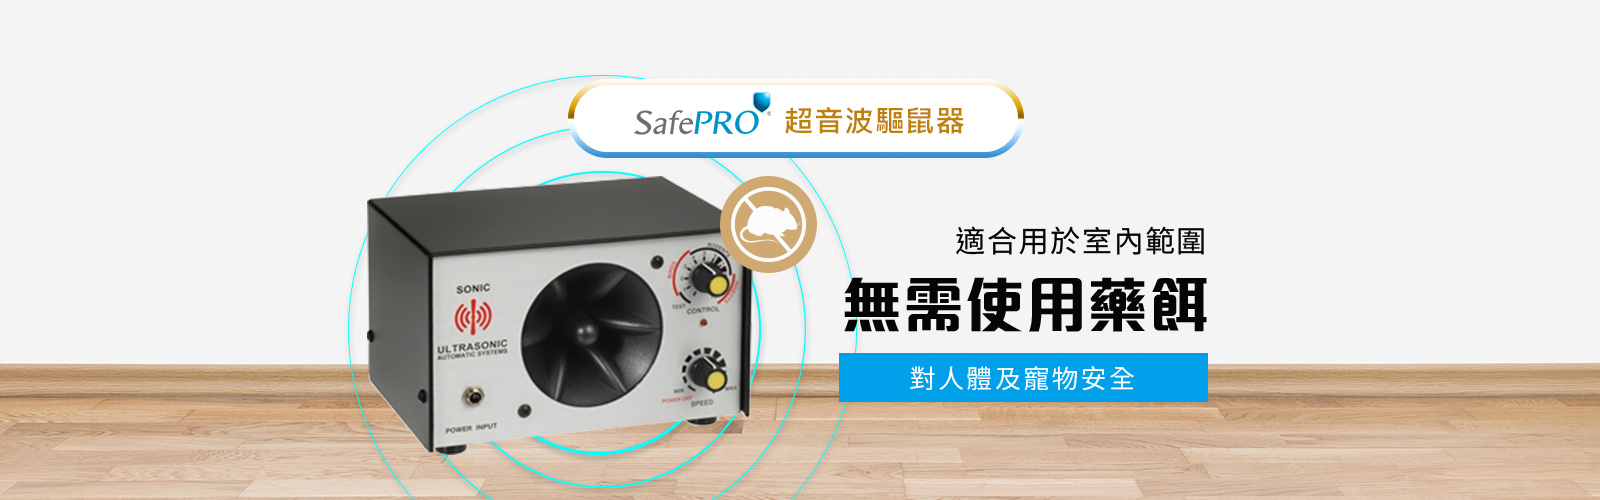 SafePRO® Ultrasonic Rodent Repeller